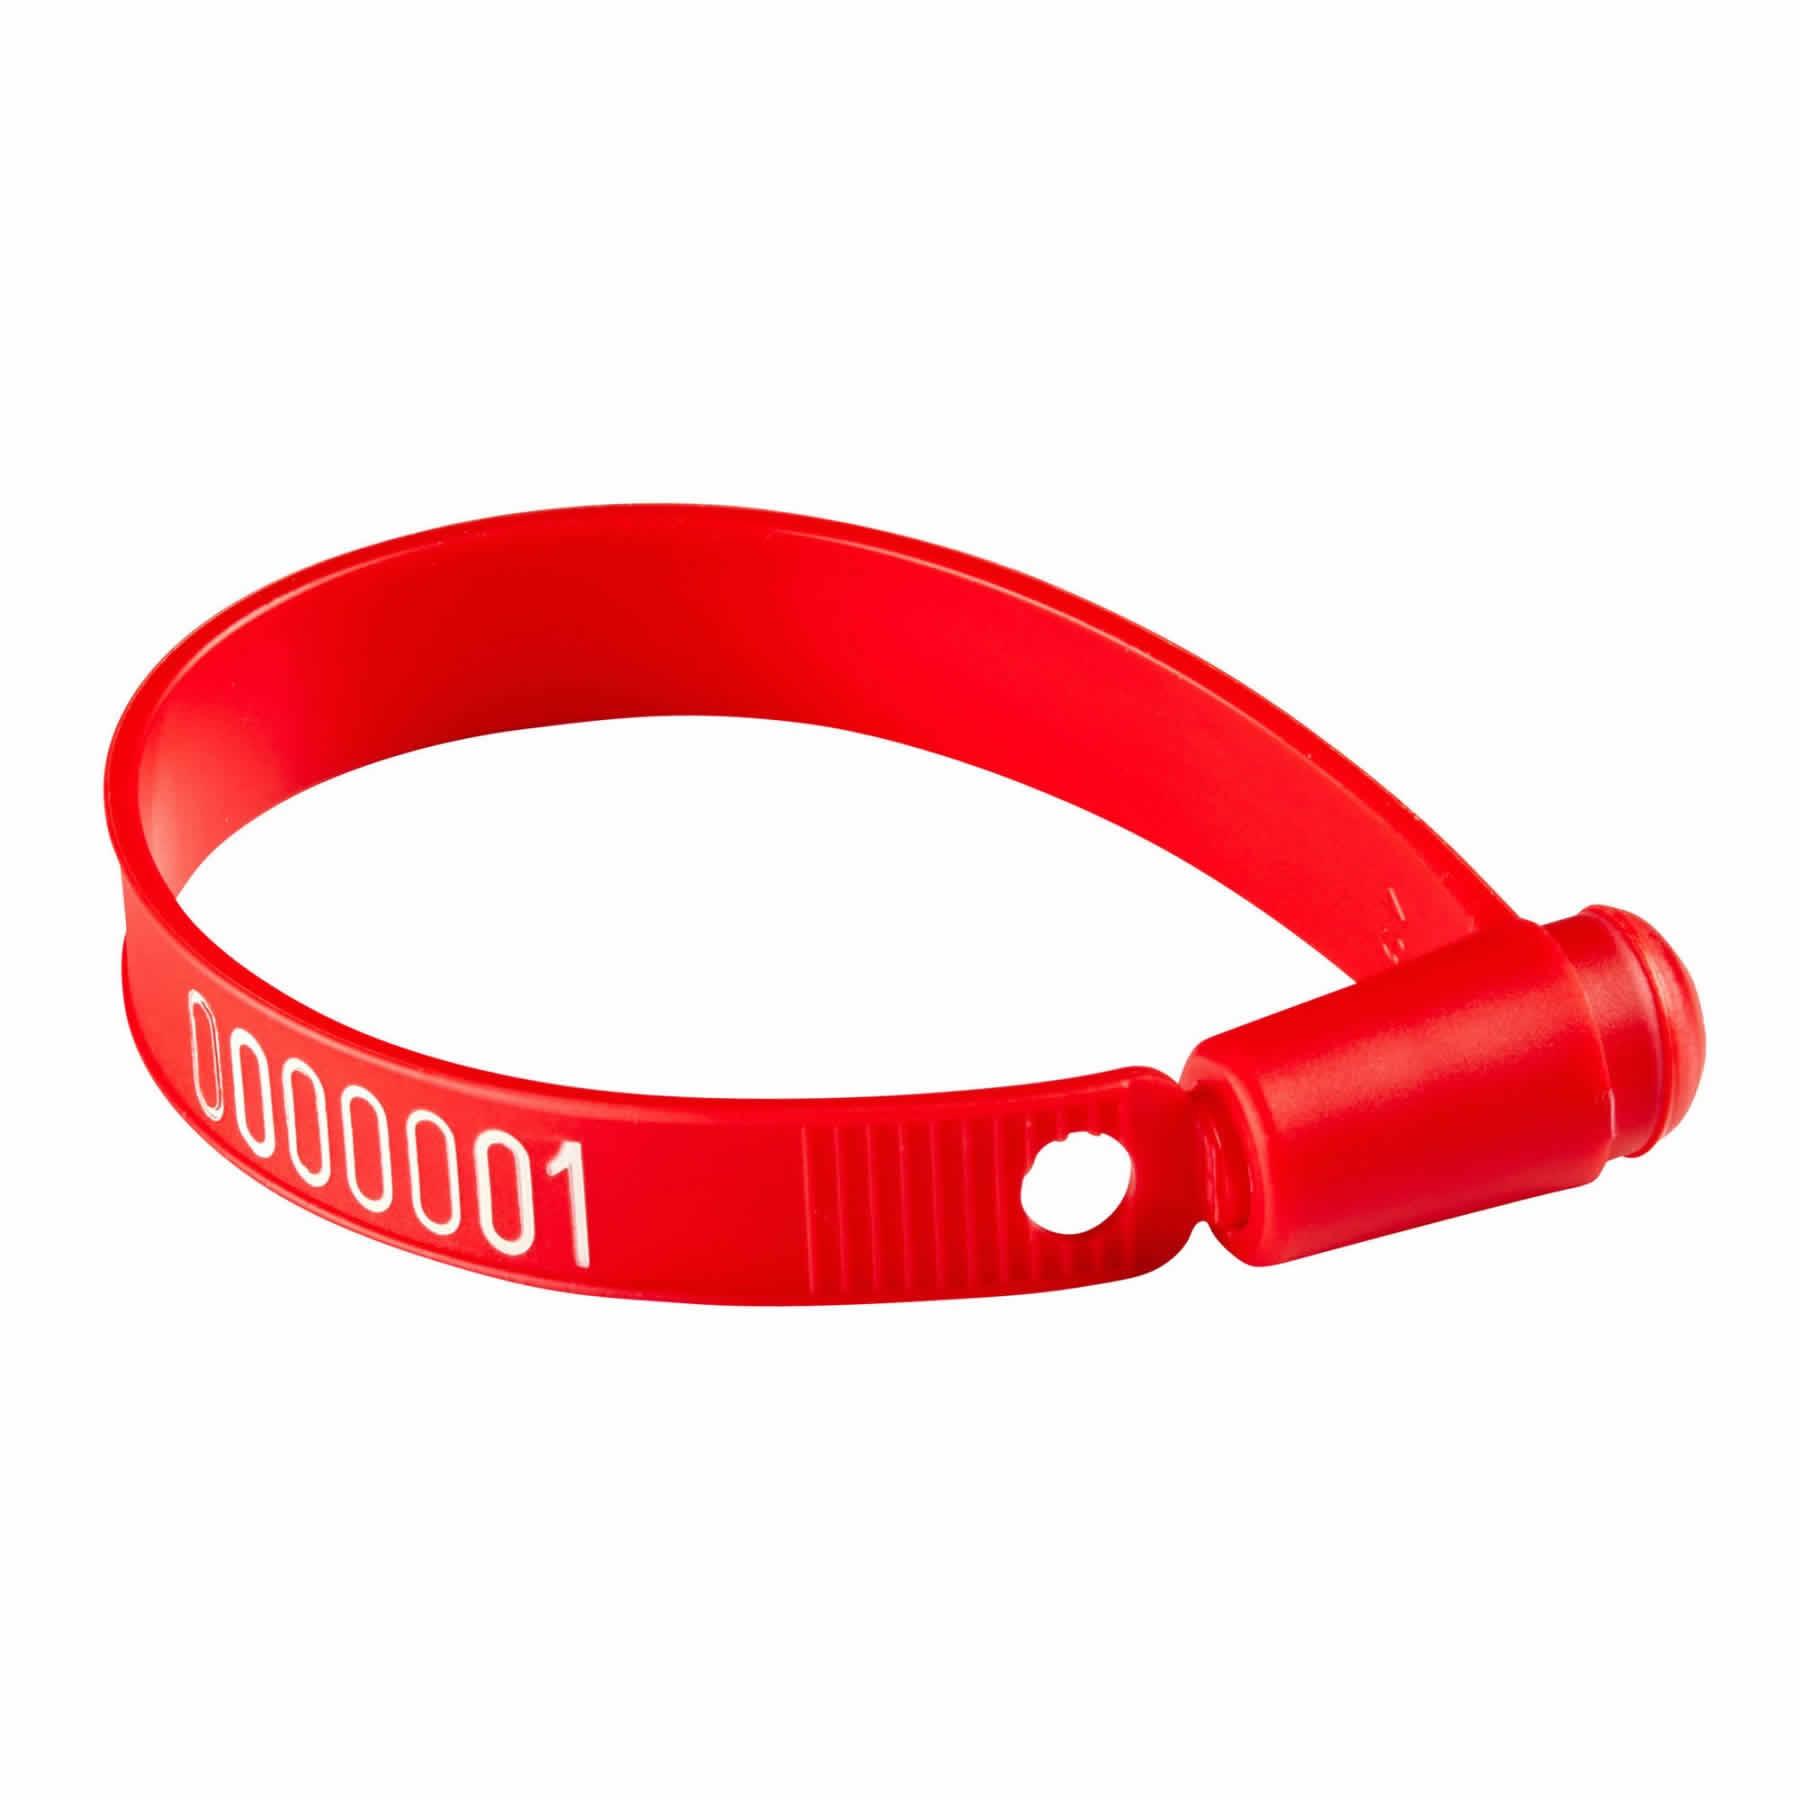 4001 Sello de seguridad de plástico tipo cinturón